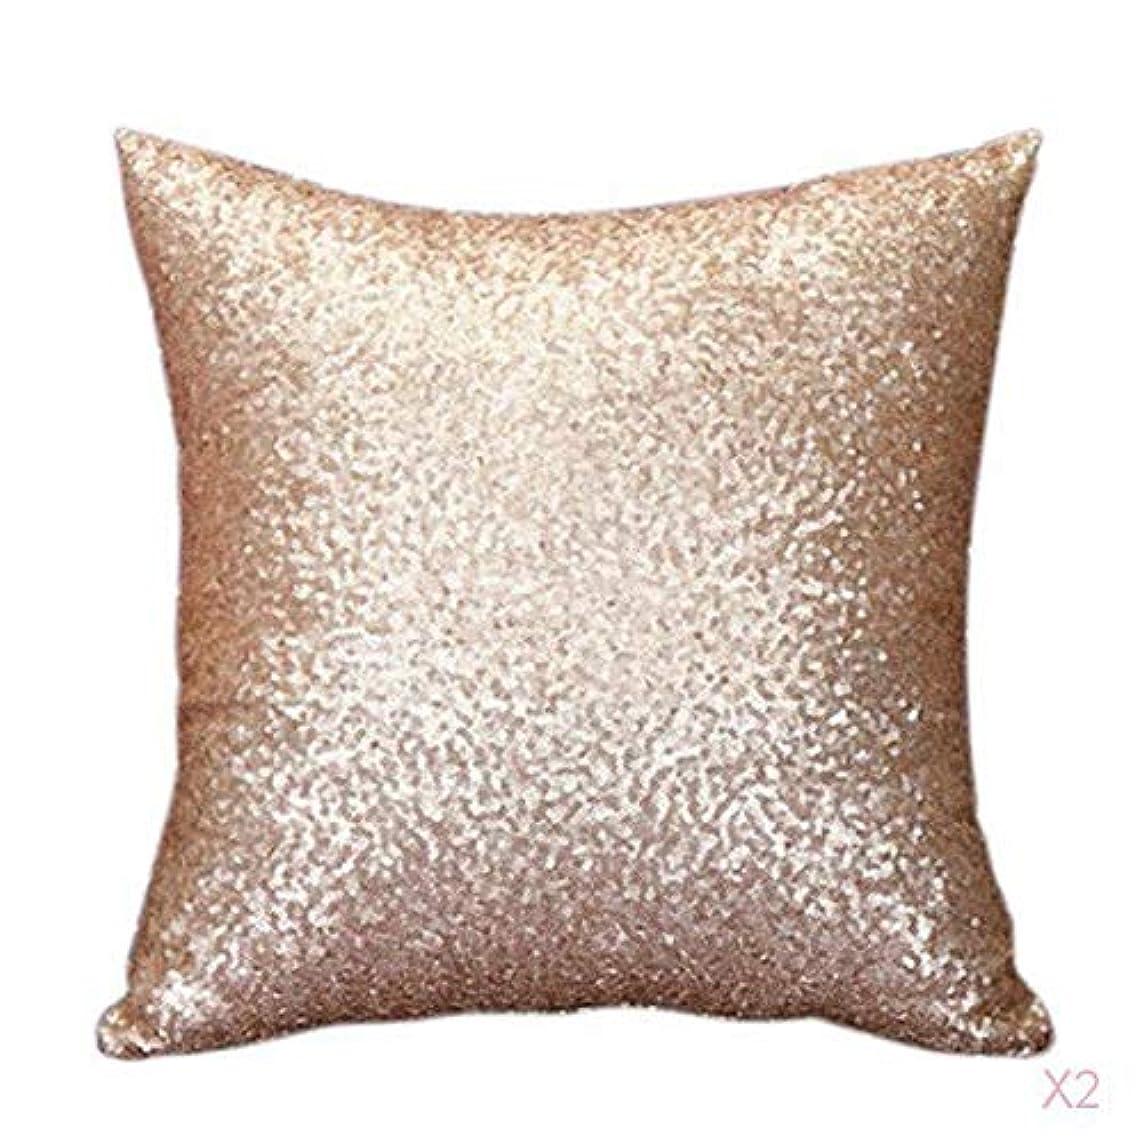 ジャム精神医学小麦粉FLAMEER ファンシースパンコールソファスクエア枕クッションカバーケースの装飾シャンパンを投げます